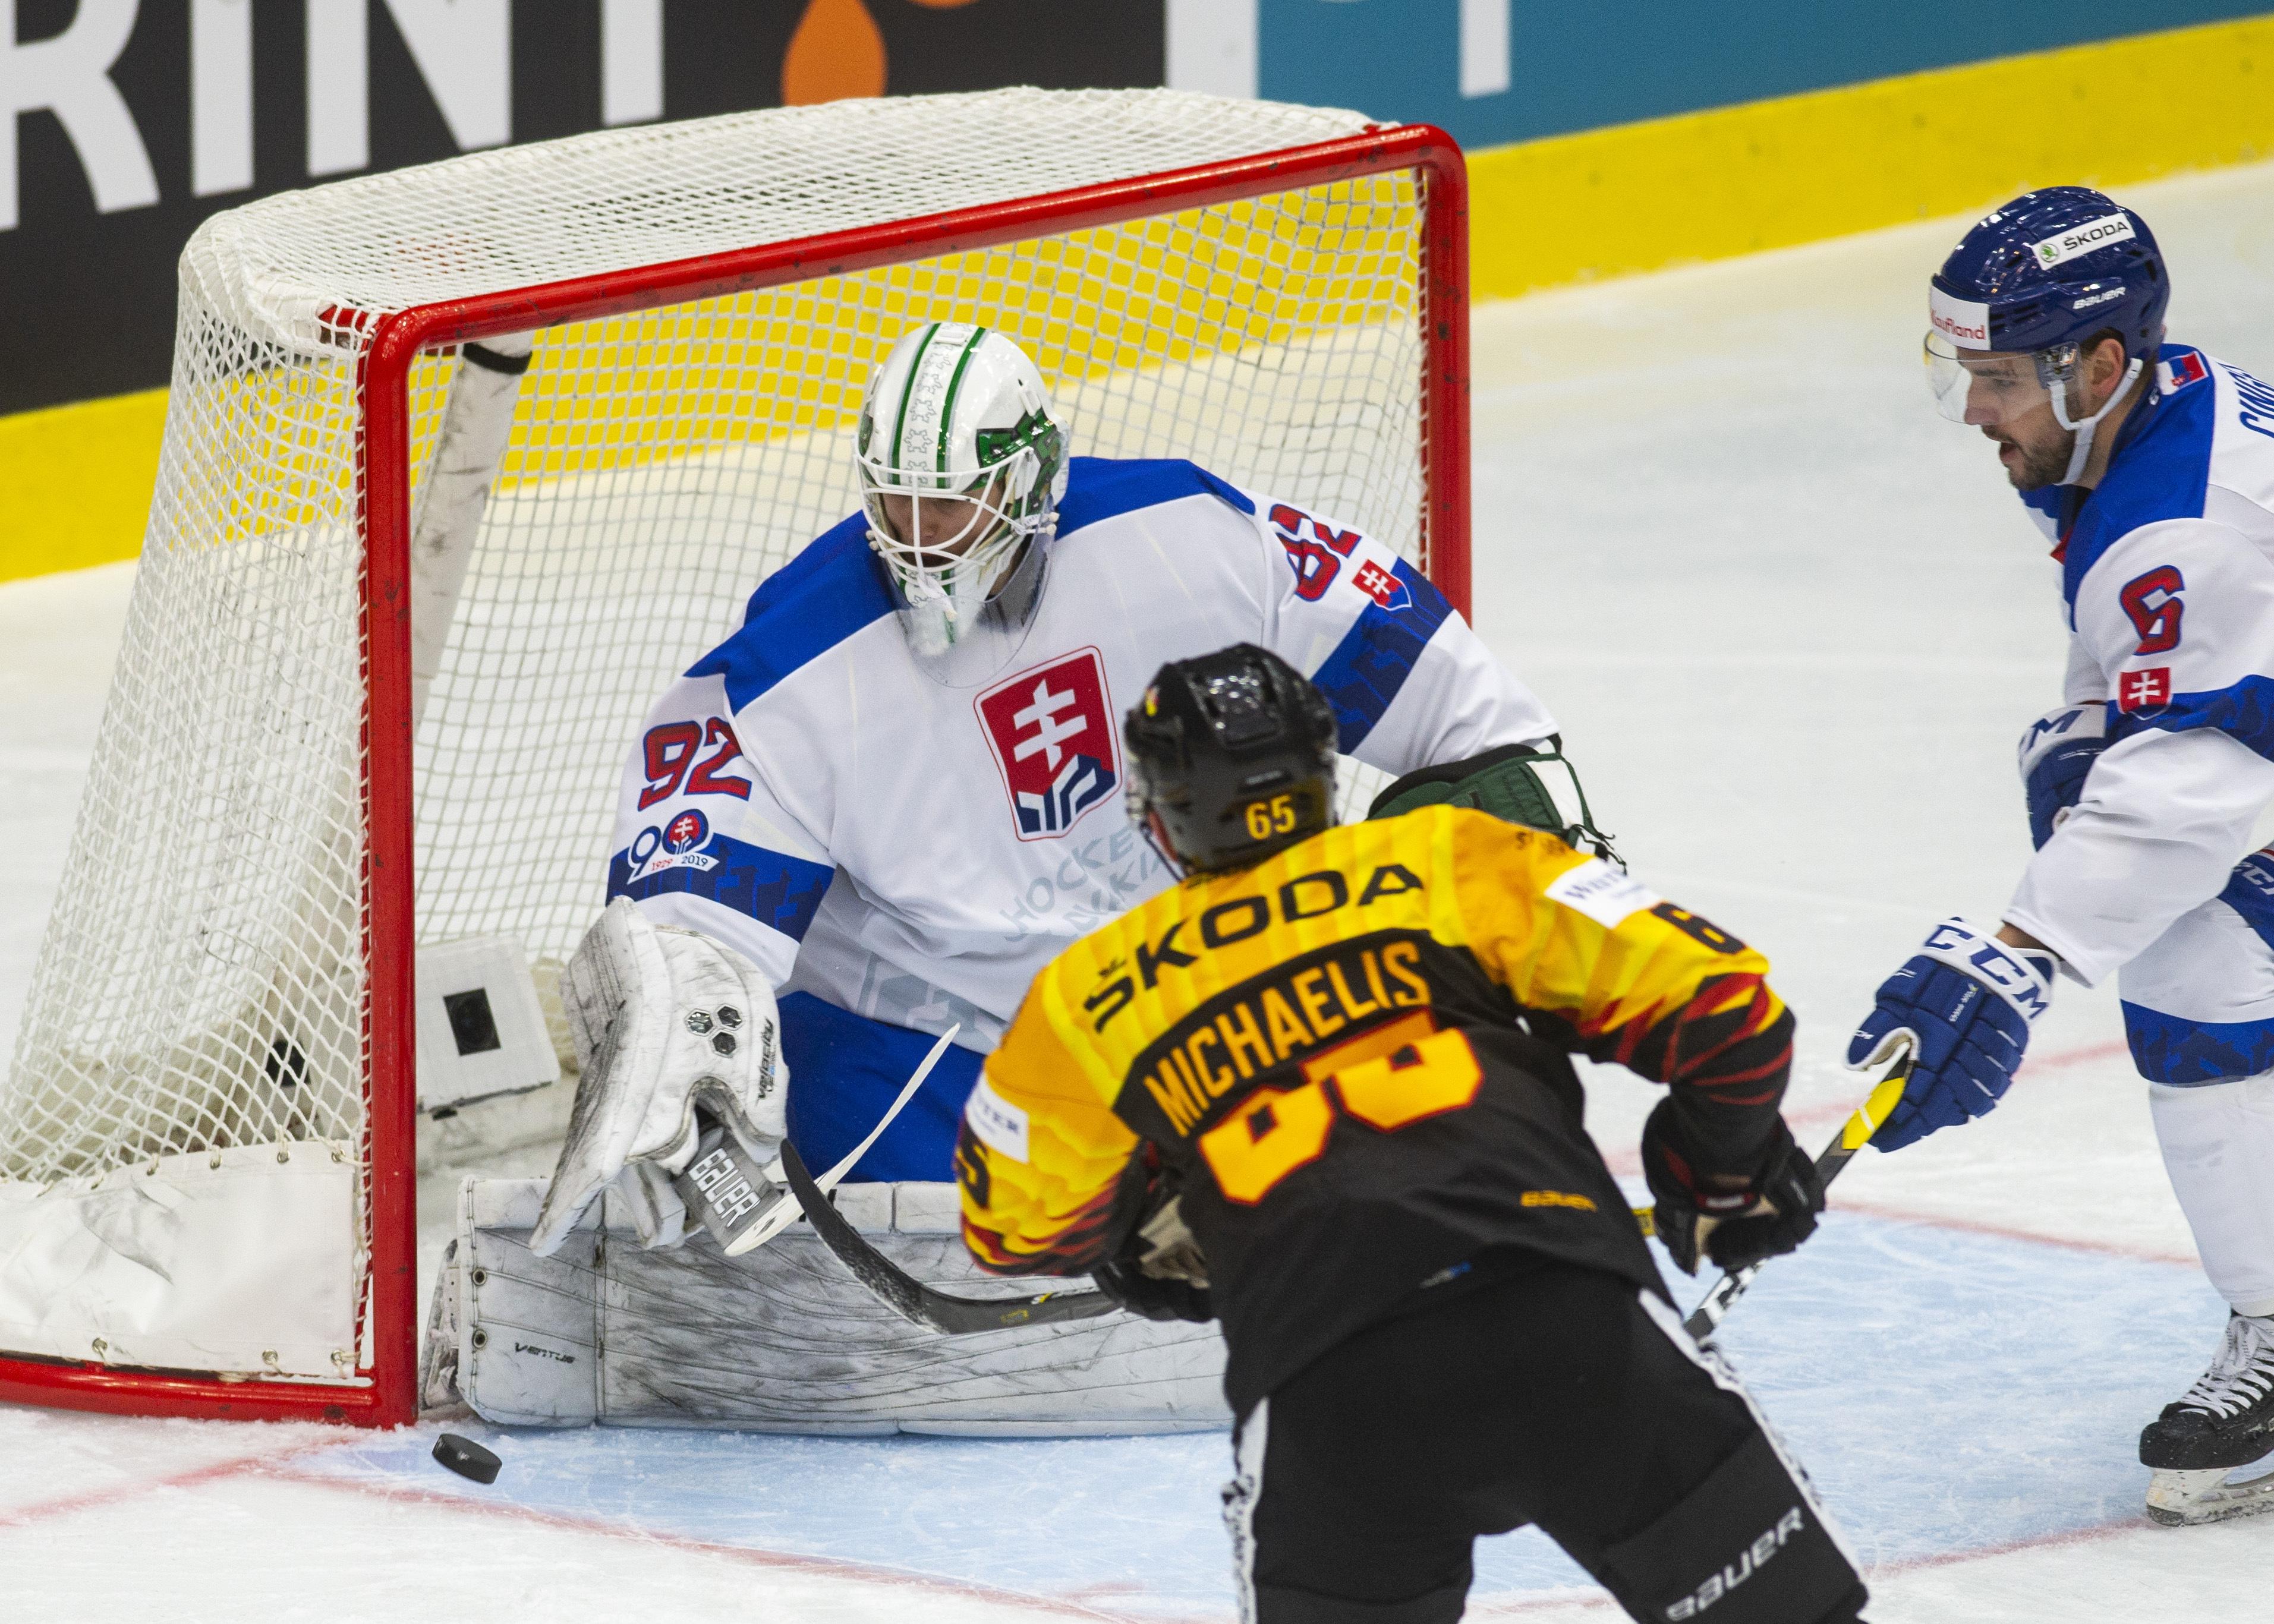 4fccf1782fc12 Nemecko : Slovensko - Online prenos - 2. prípravný zápas - MS v hokeji 2019  - Šport SME